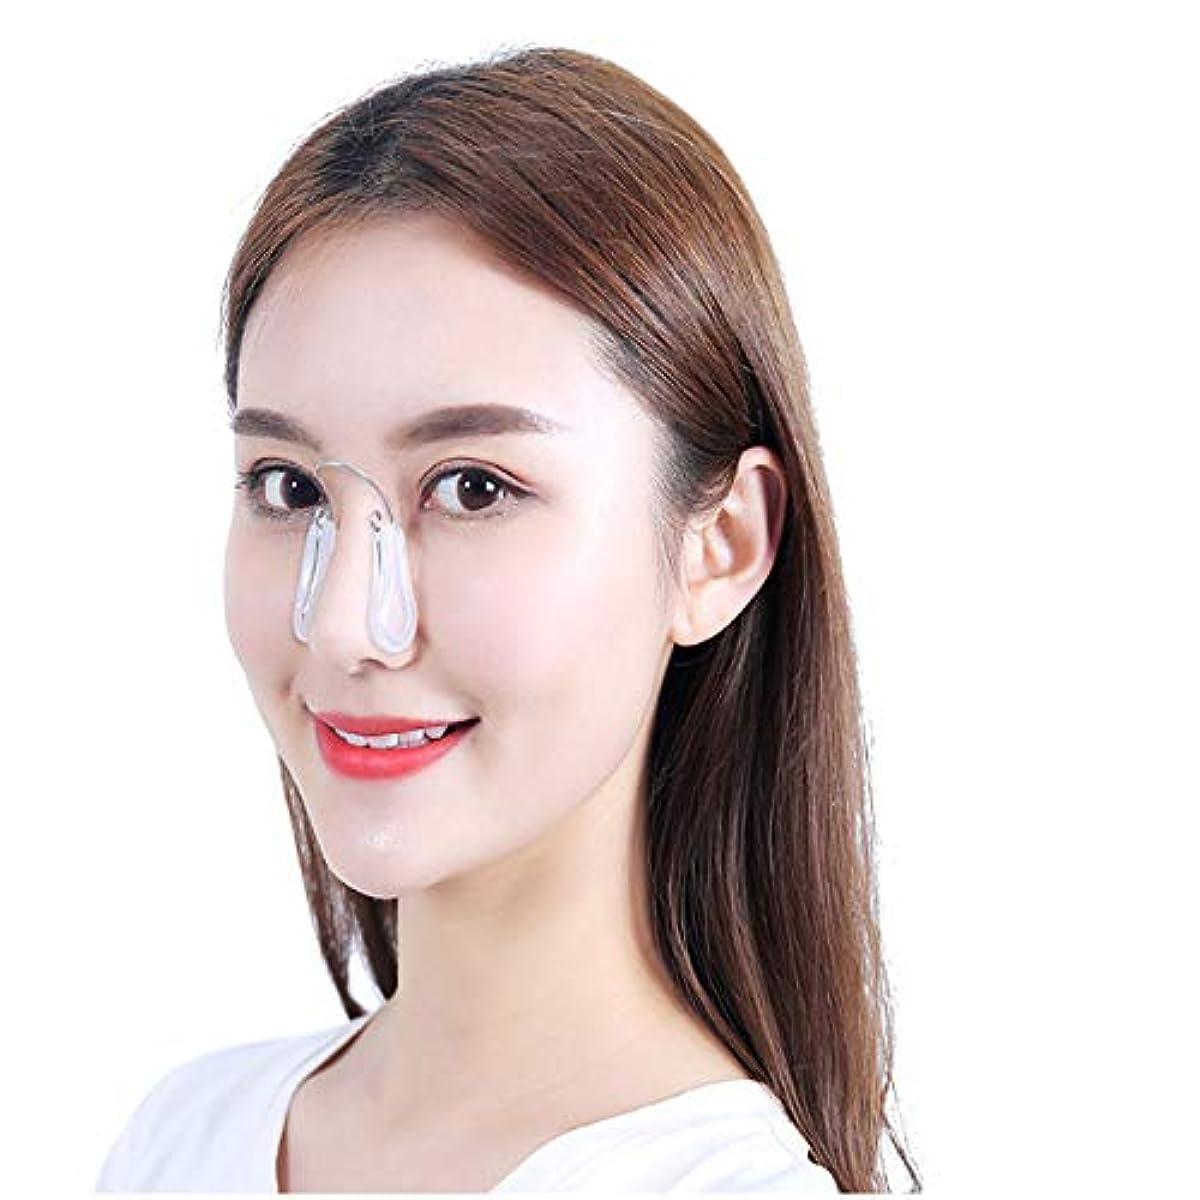 酸思われるプールGOIOD 美鼻ケア 鼻 人工鼻 増強美容 鼻のデバイスシリコンクリップ 鼻筋矯正 簡単美鼻ケア